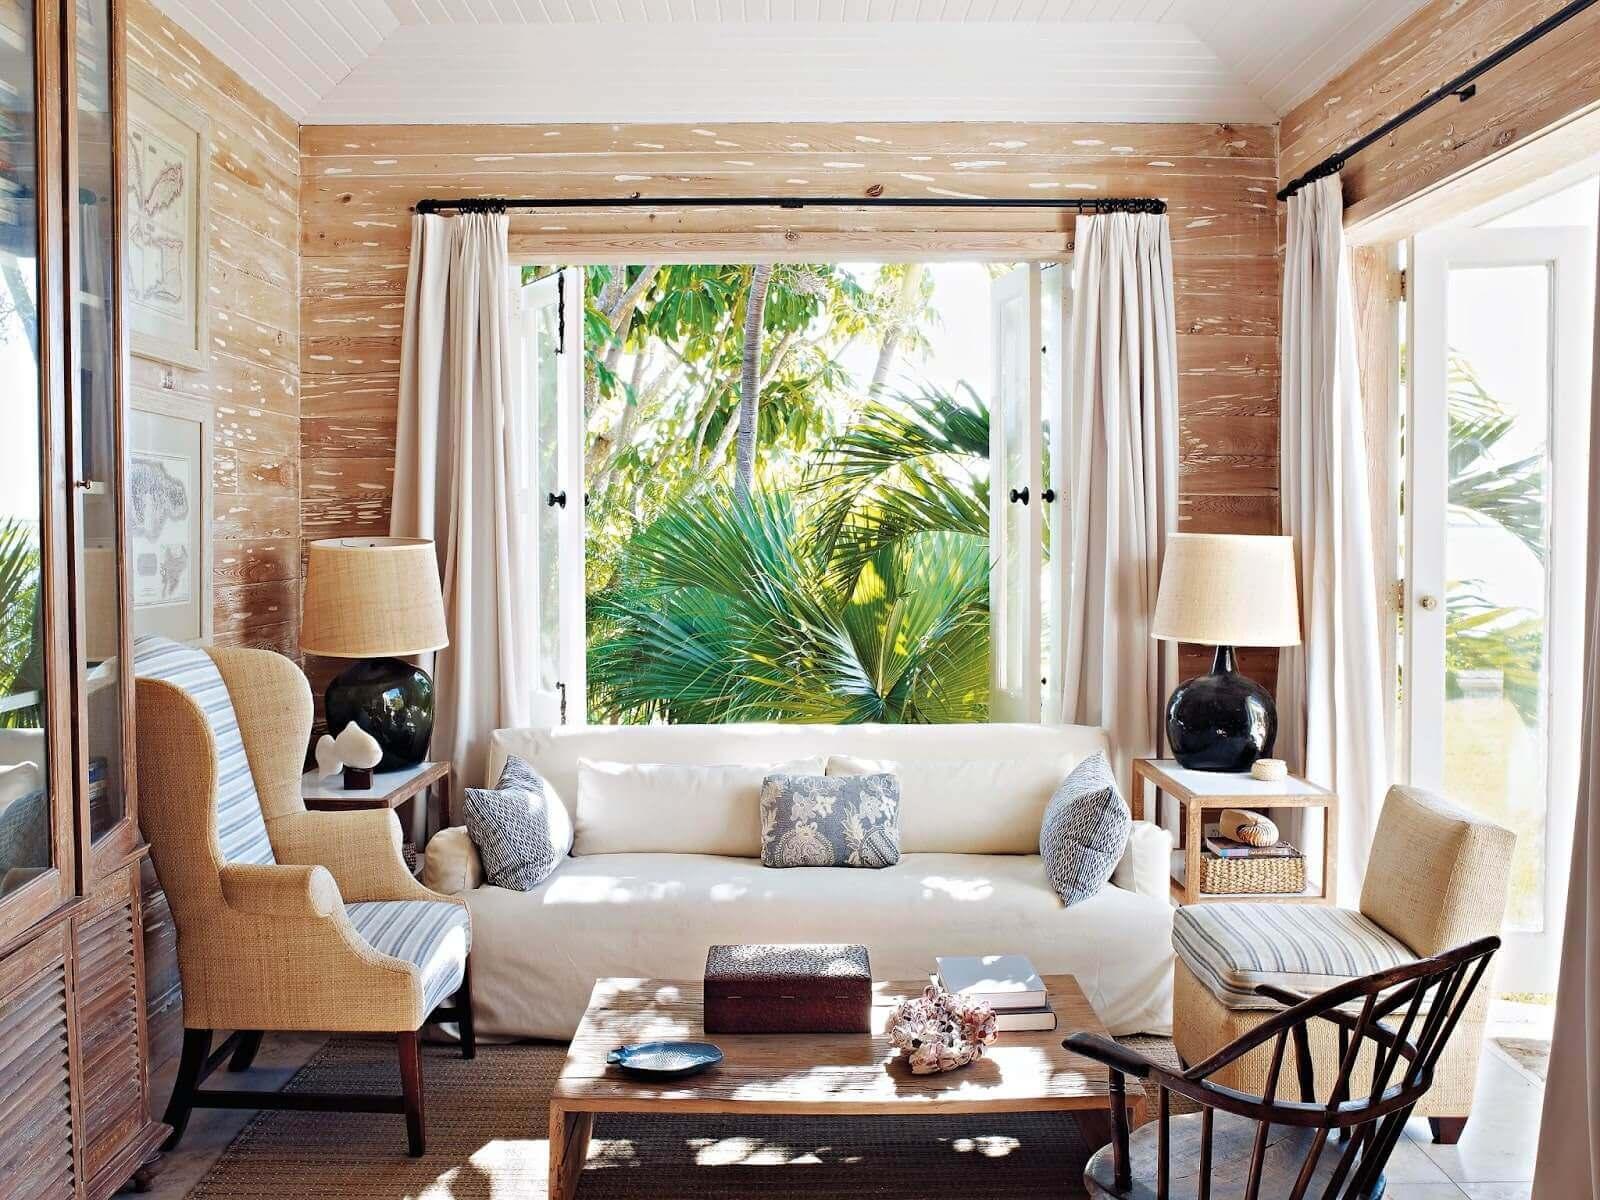 Phong cách nhiệt đới trong thiết kế nội thất đẹp